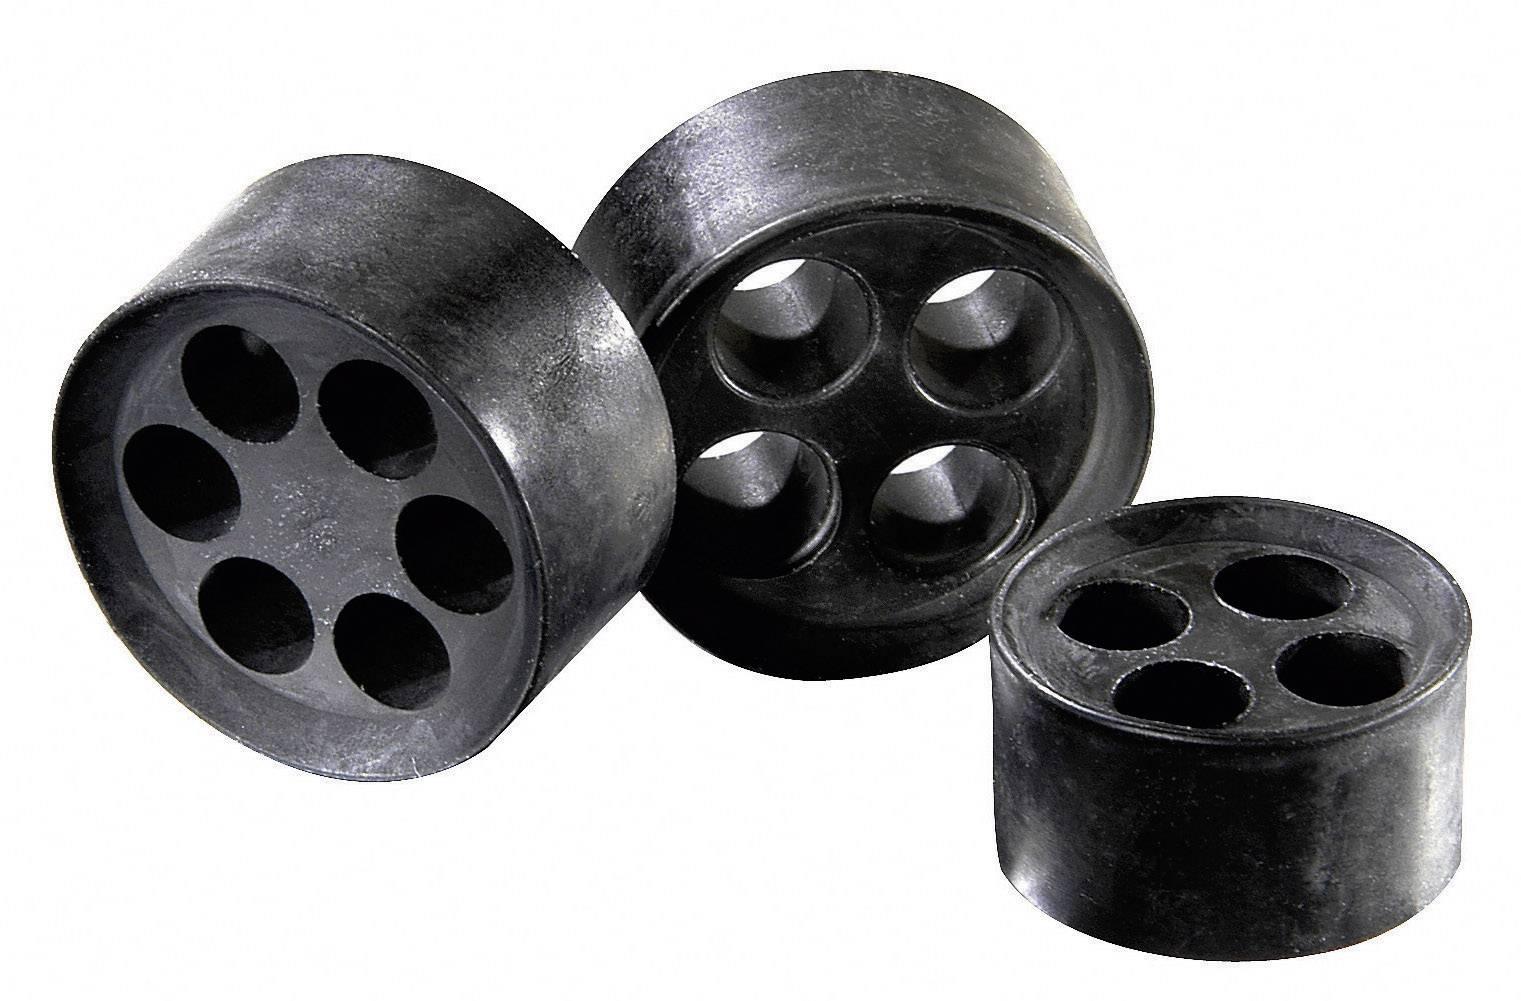 Těsnicí vložka M40 Wiska MFD 40/09/069 (10101427), IP66, M40, elastomer, černá